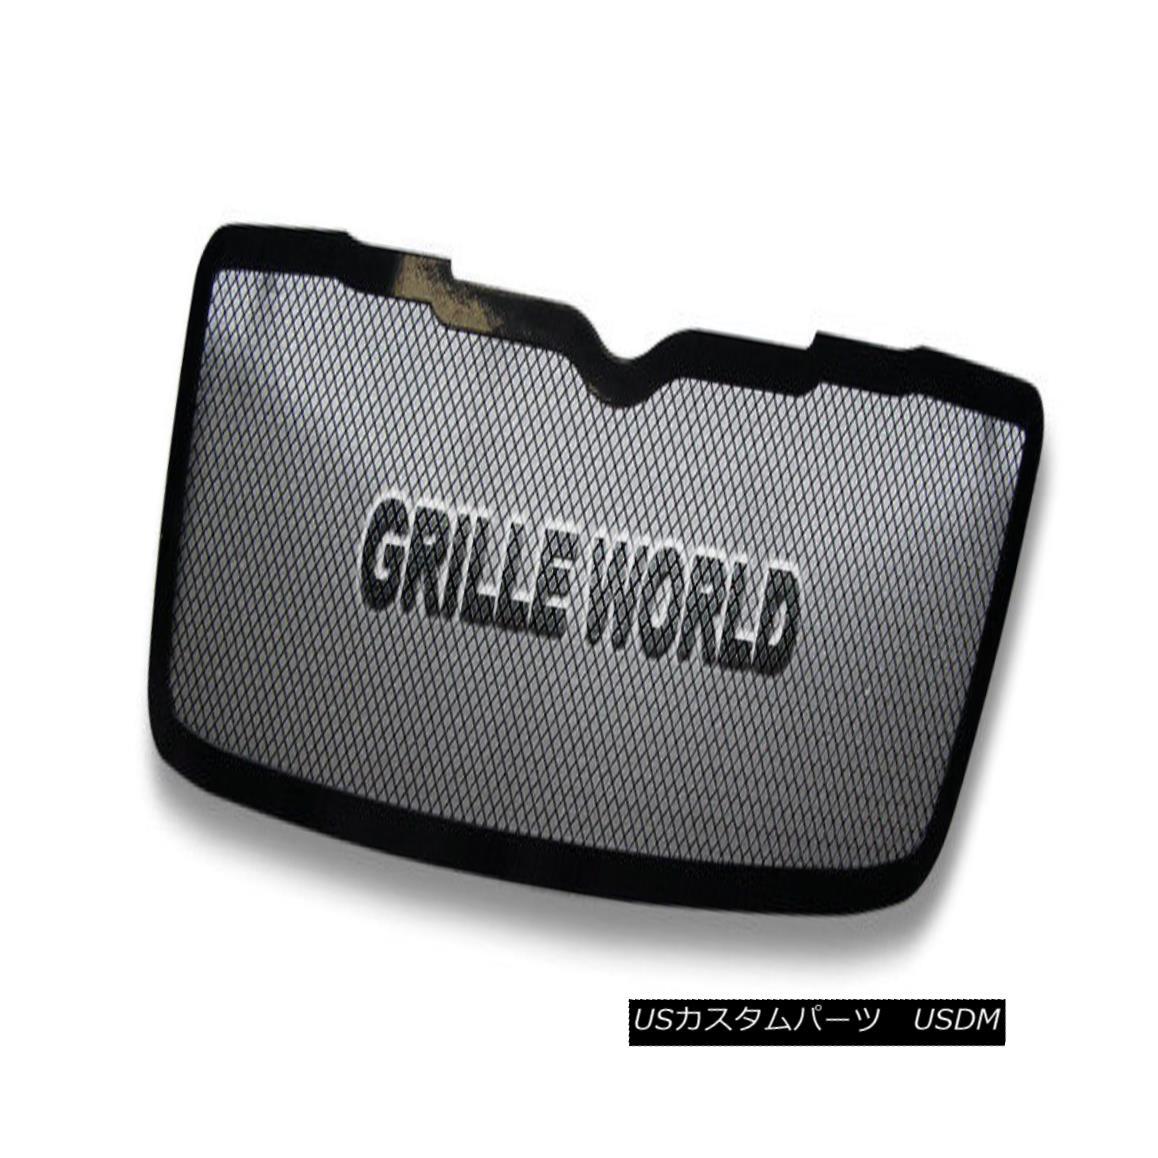 グリル For 07-09 Chrysler Aspen Black Stainless Steel Mesh Premium Grille Insert 07-09クライスラーアスペンブラックステンレスメッシュプレミアムグリルインサート